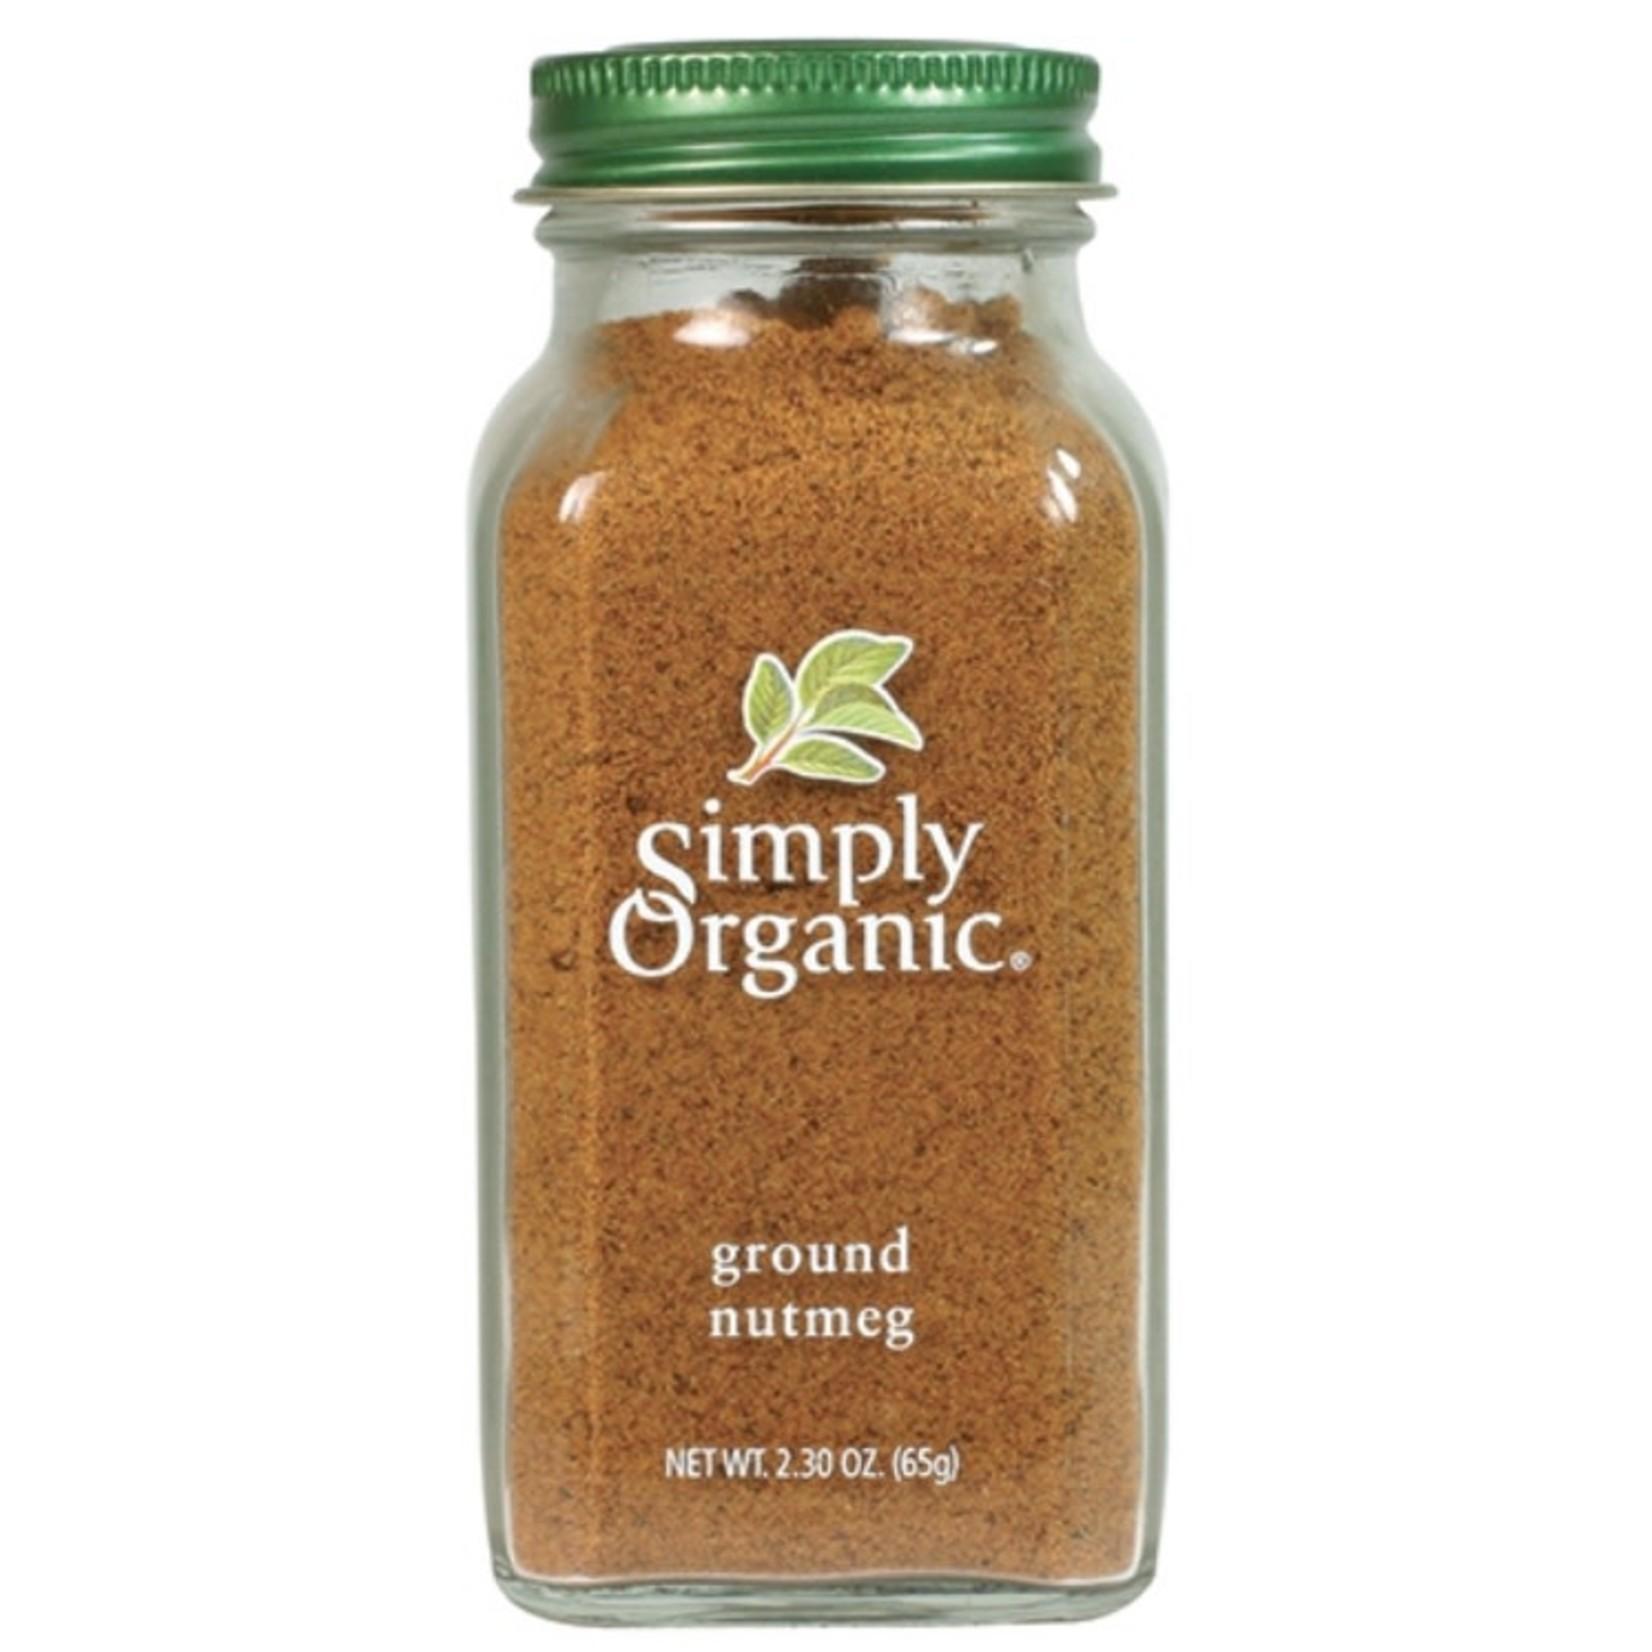 Simply Organic Simply Organic Ground Nutmeg 65g